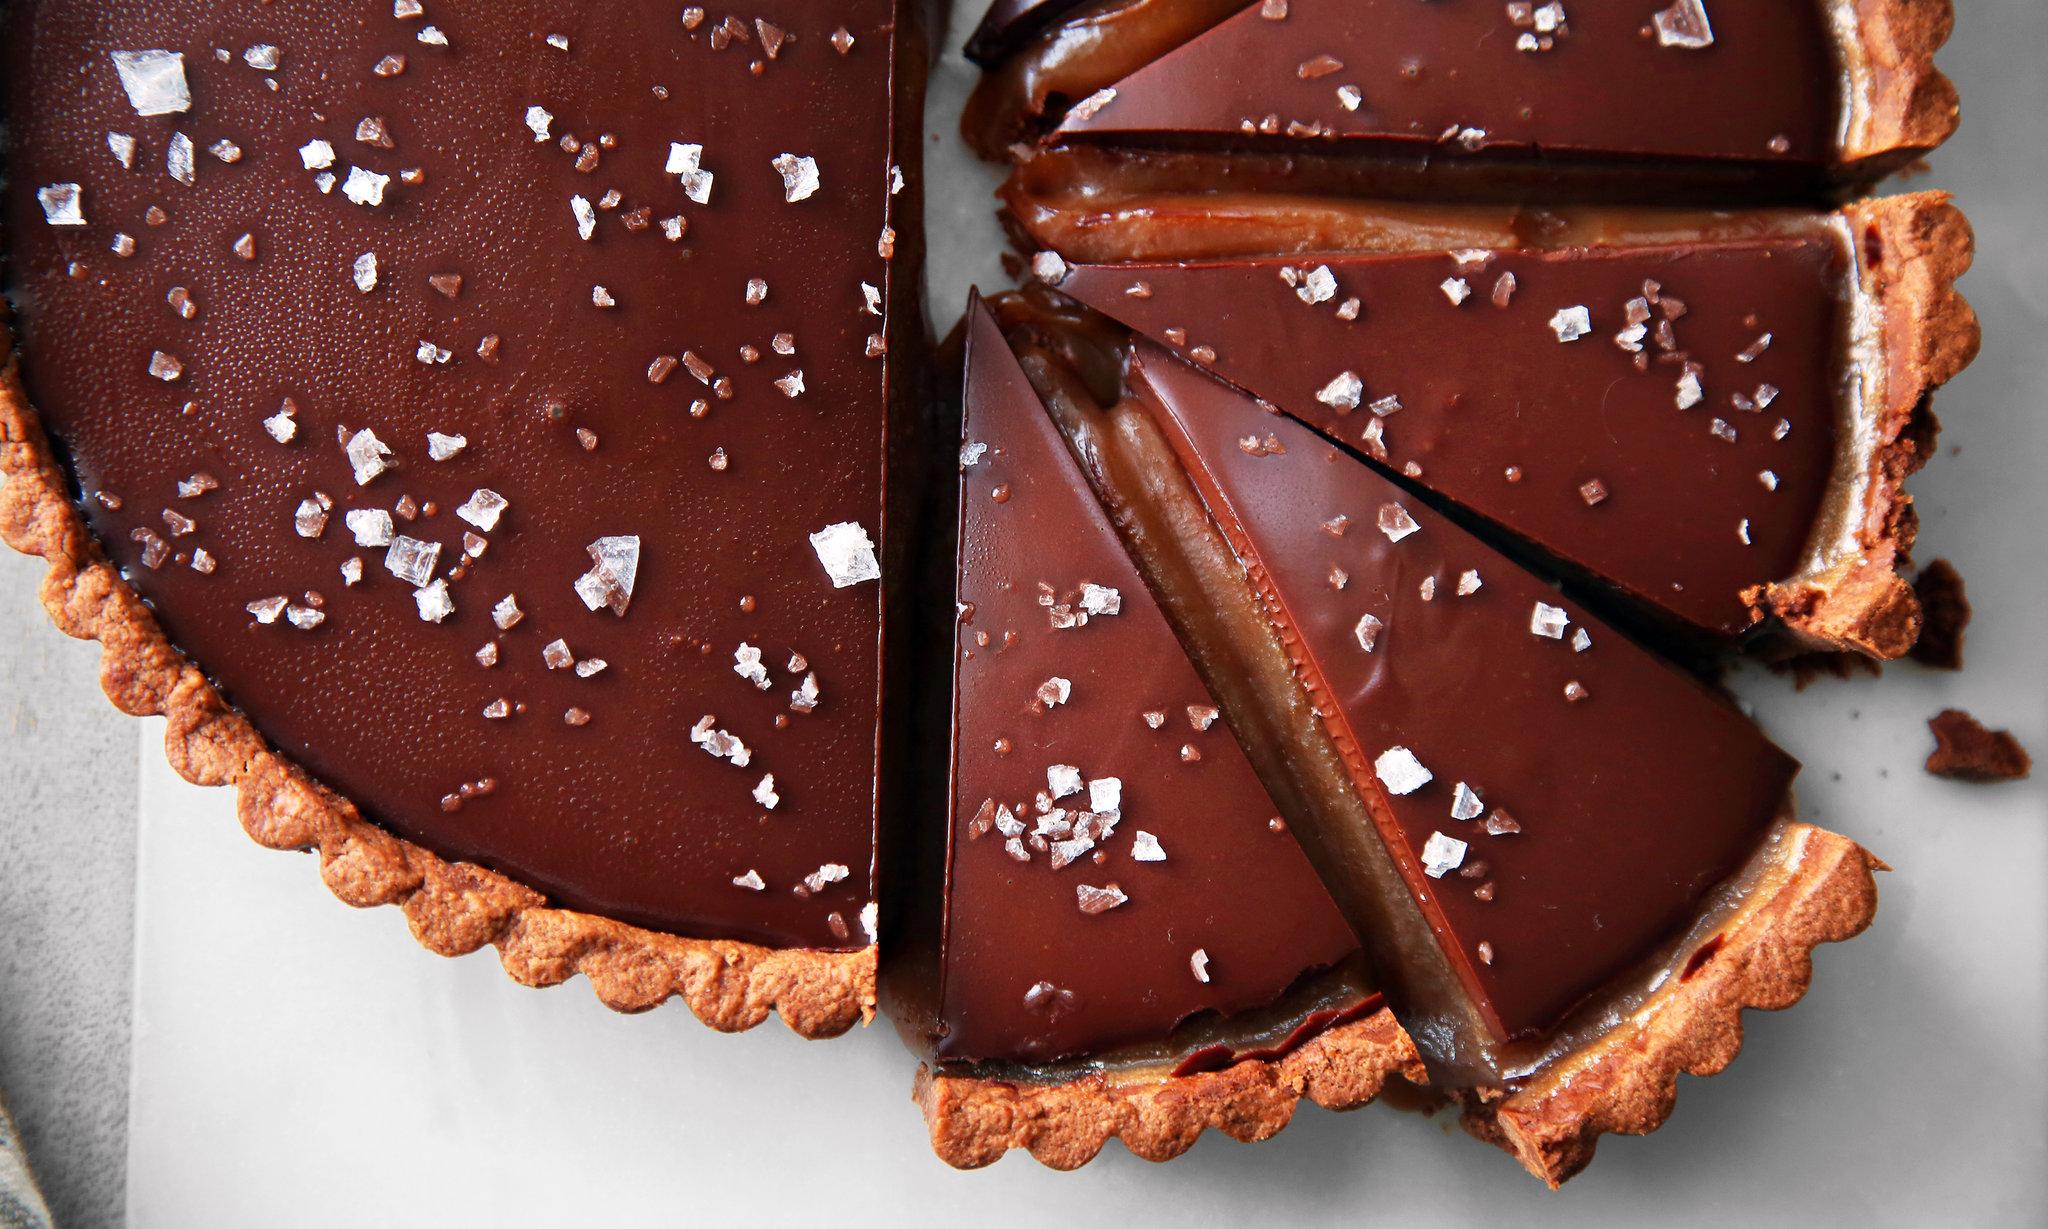 Chocolate Caramel Tart Recipe Nyt Cooking